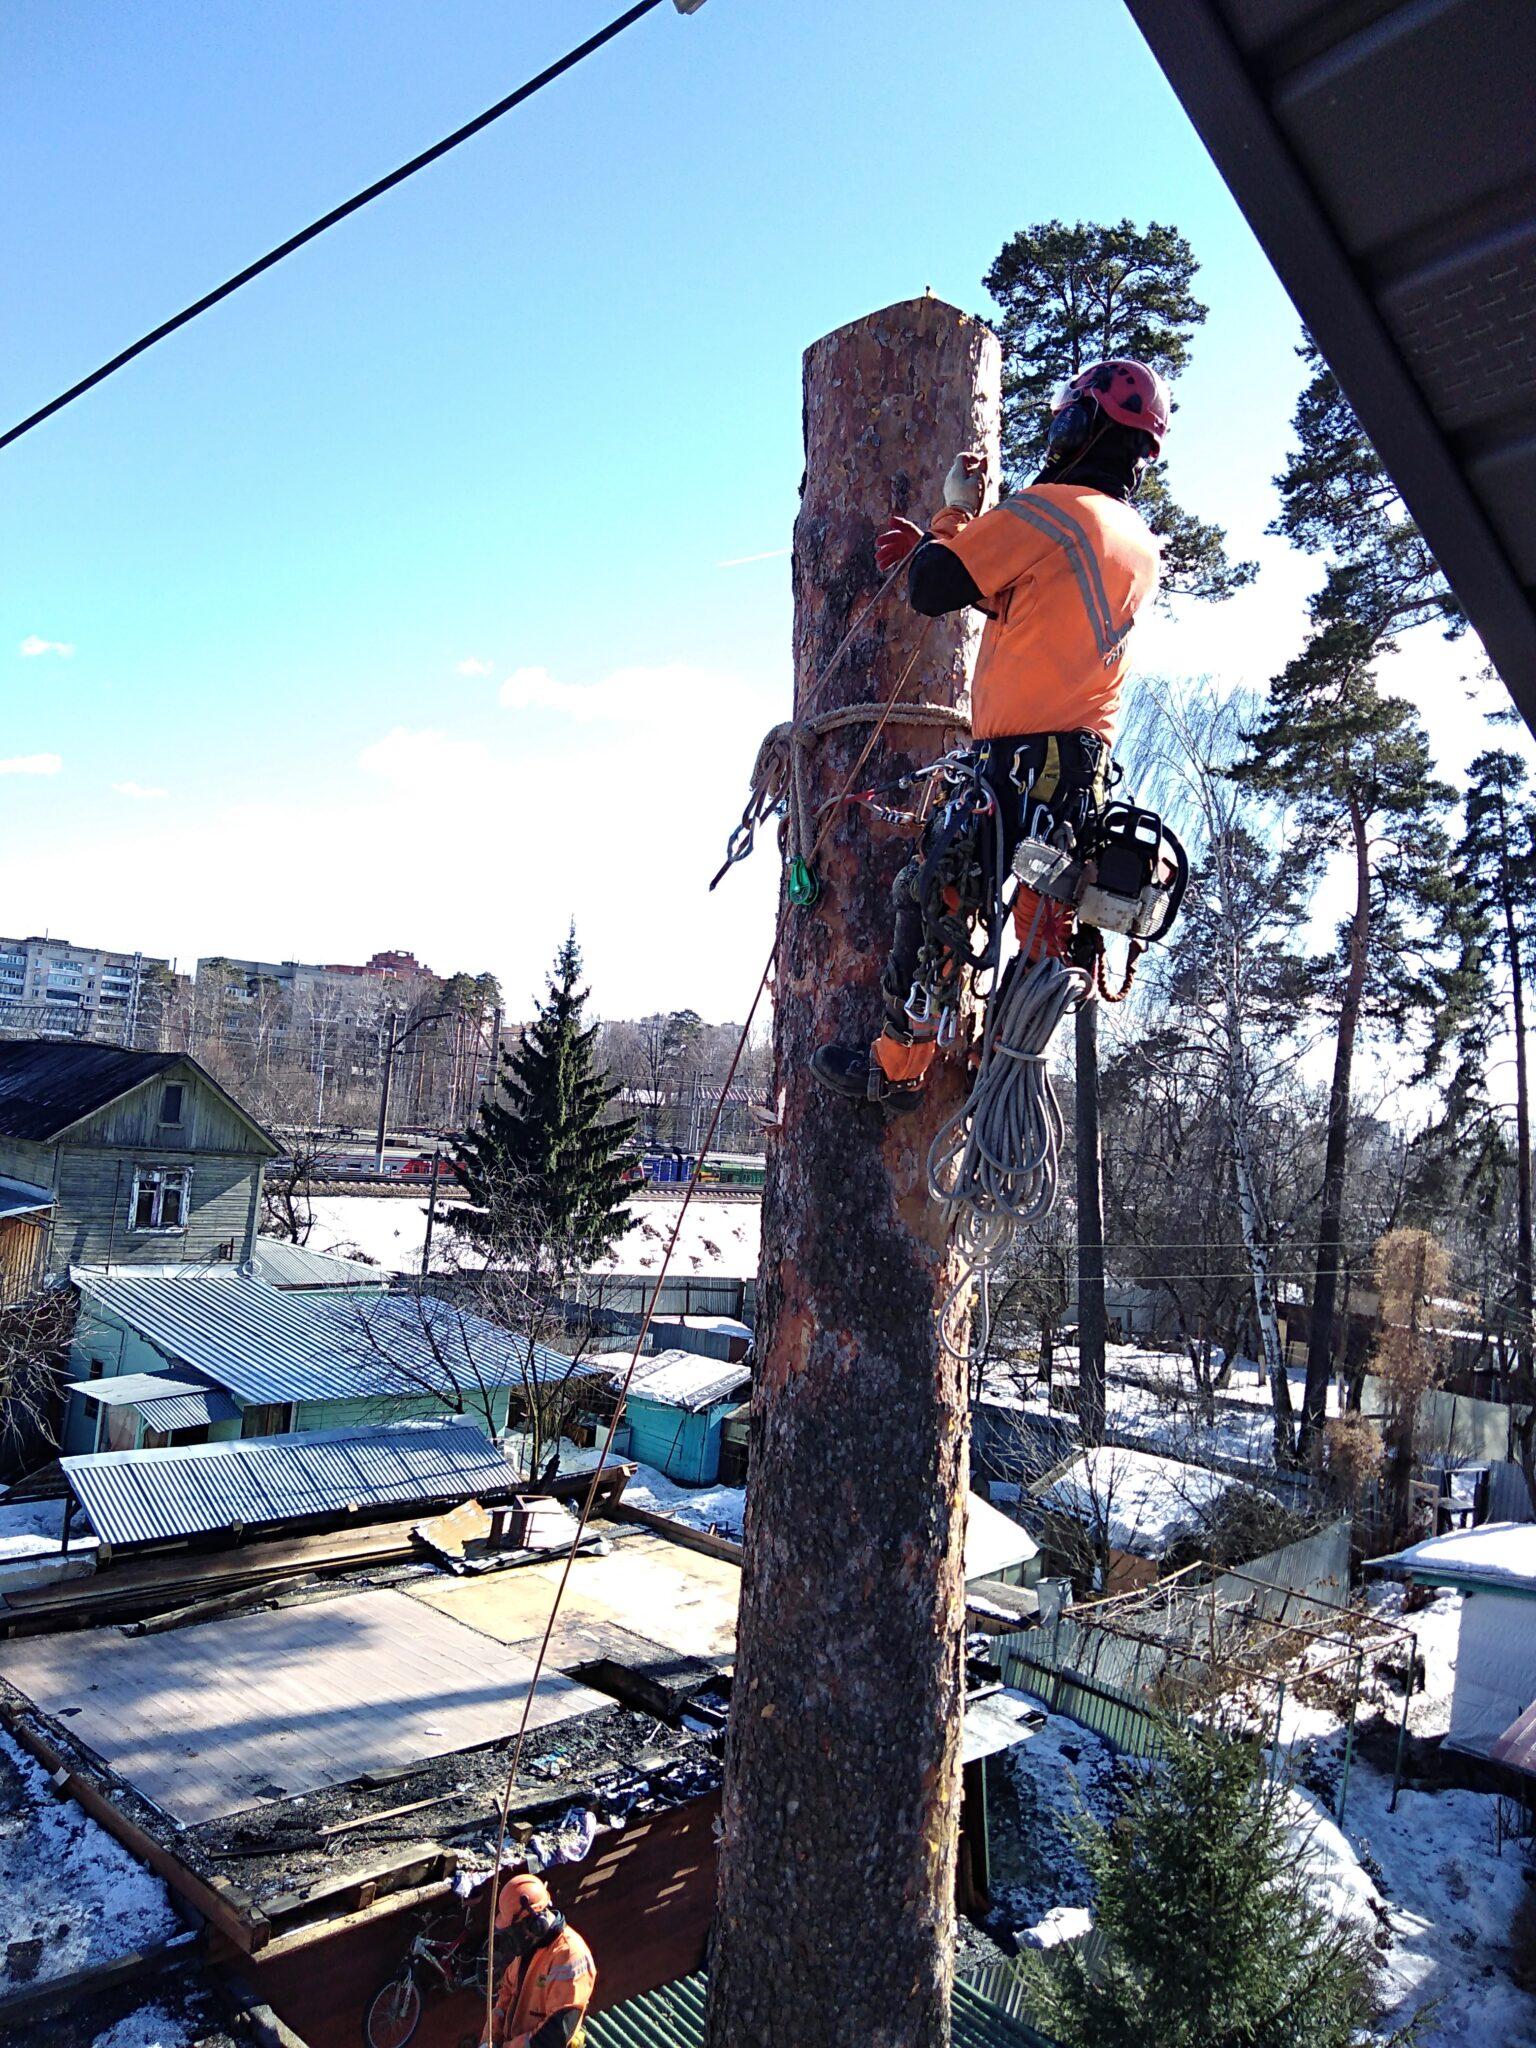 Удаление деревьев. Вековая сосна в городе Пушкино, Московская область.